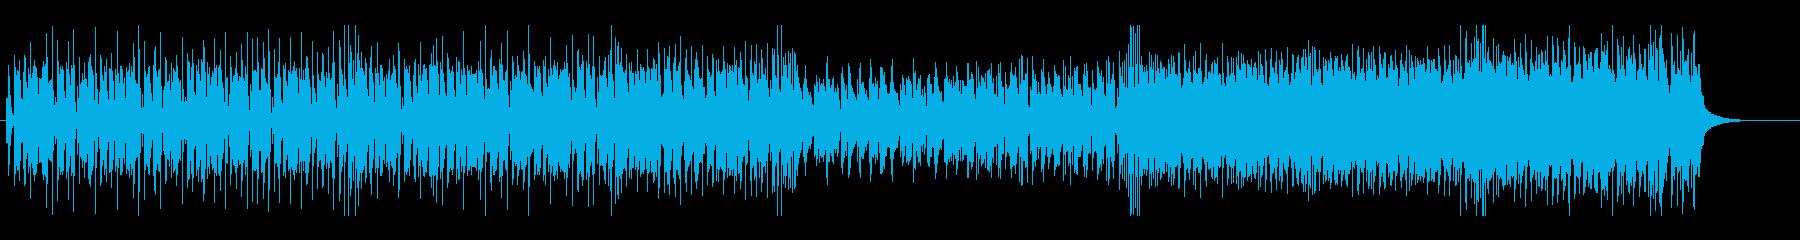 ジングルベルのシャッフルテクノ カラオケの再生済みの波形